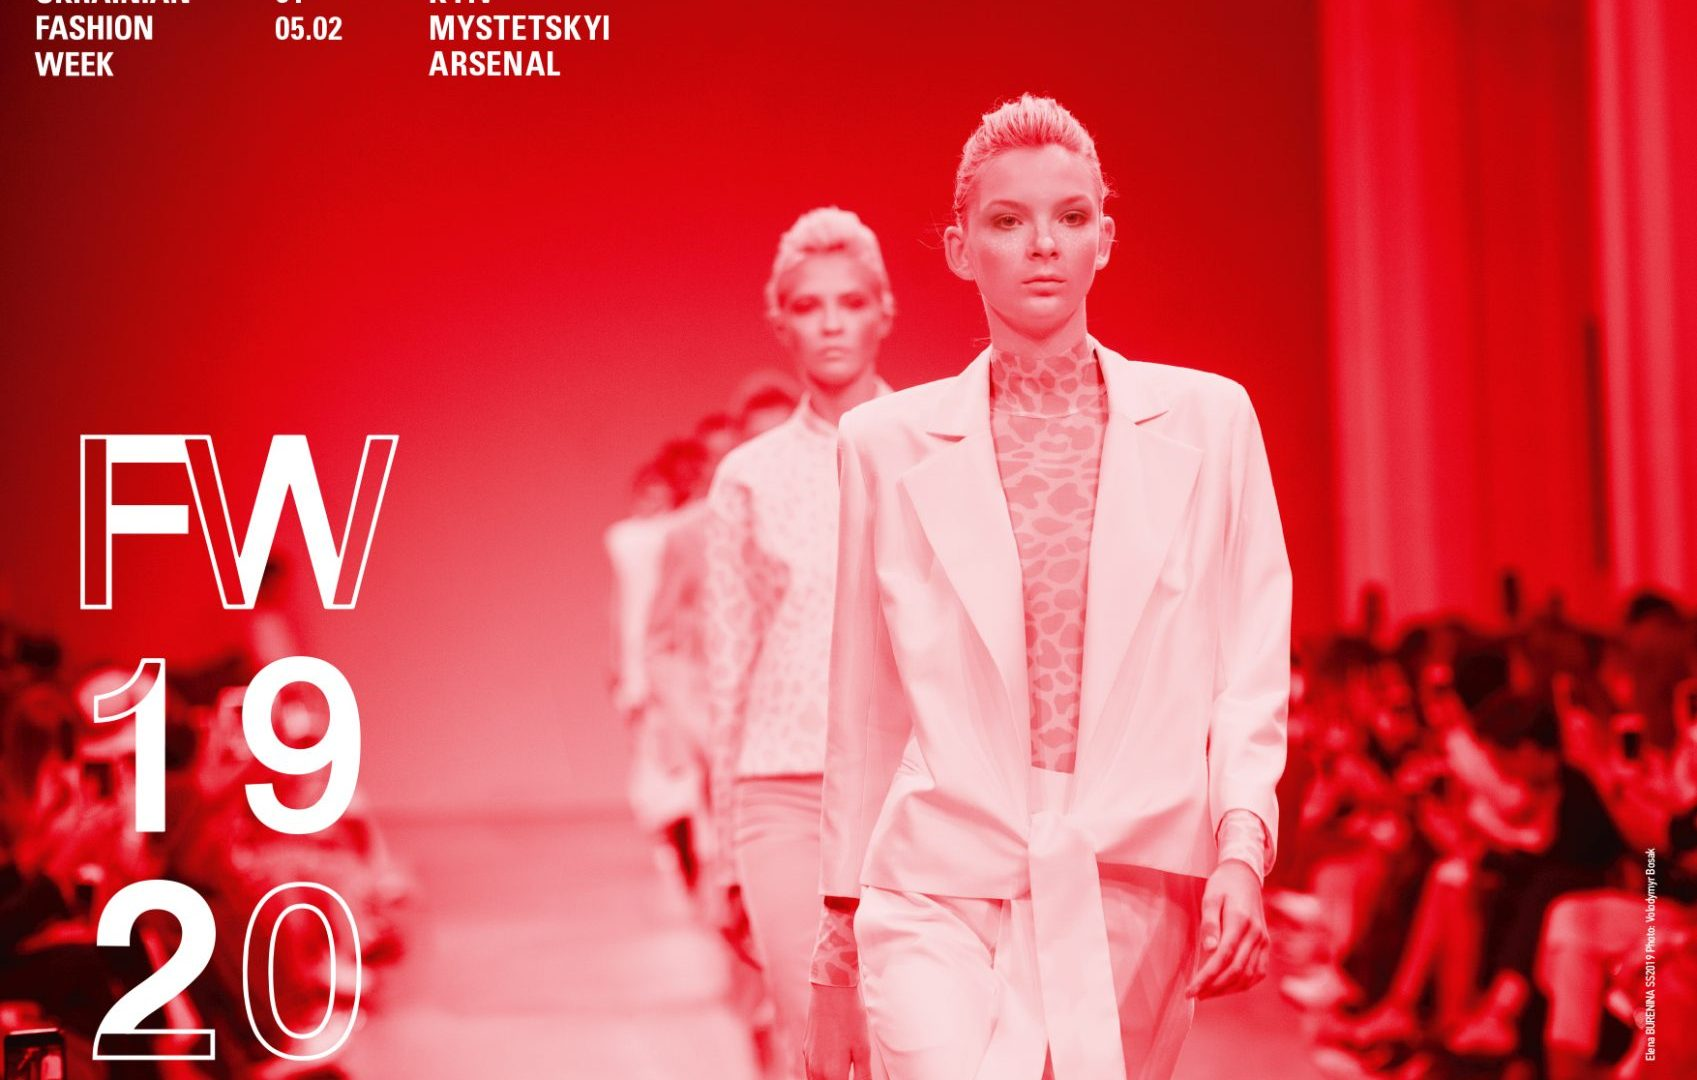 Ukrainian Fashion Week FW19-20: объявлено полное расписание показов